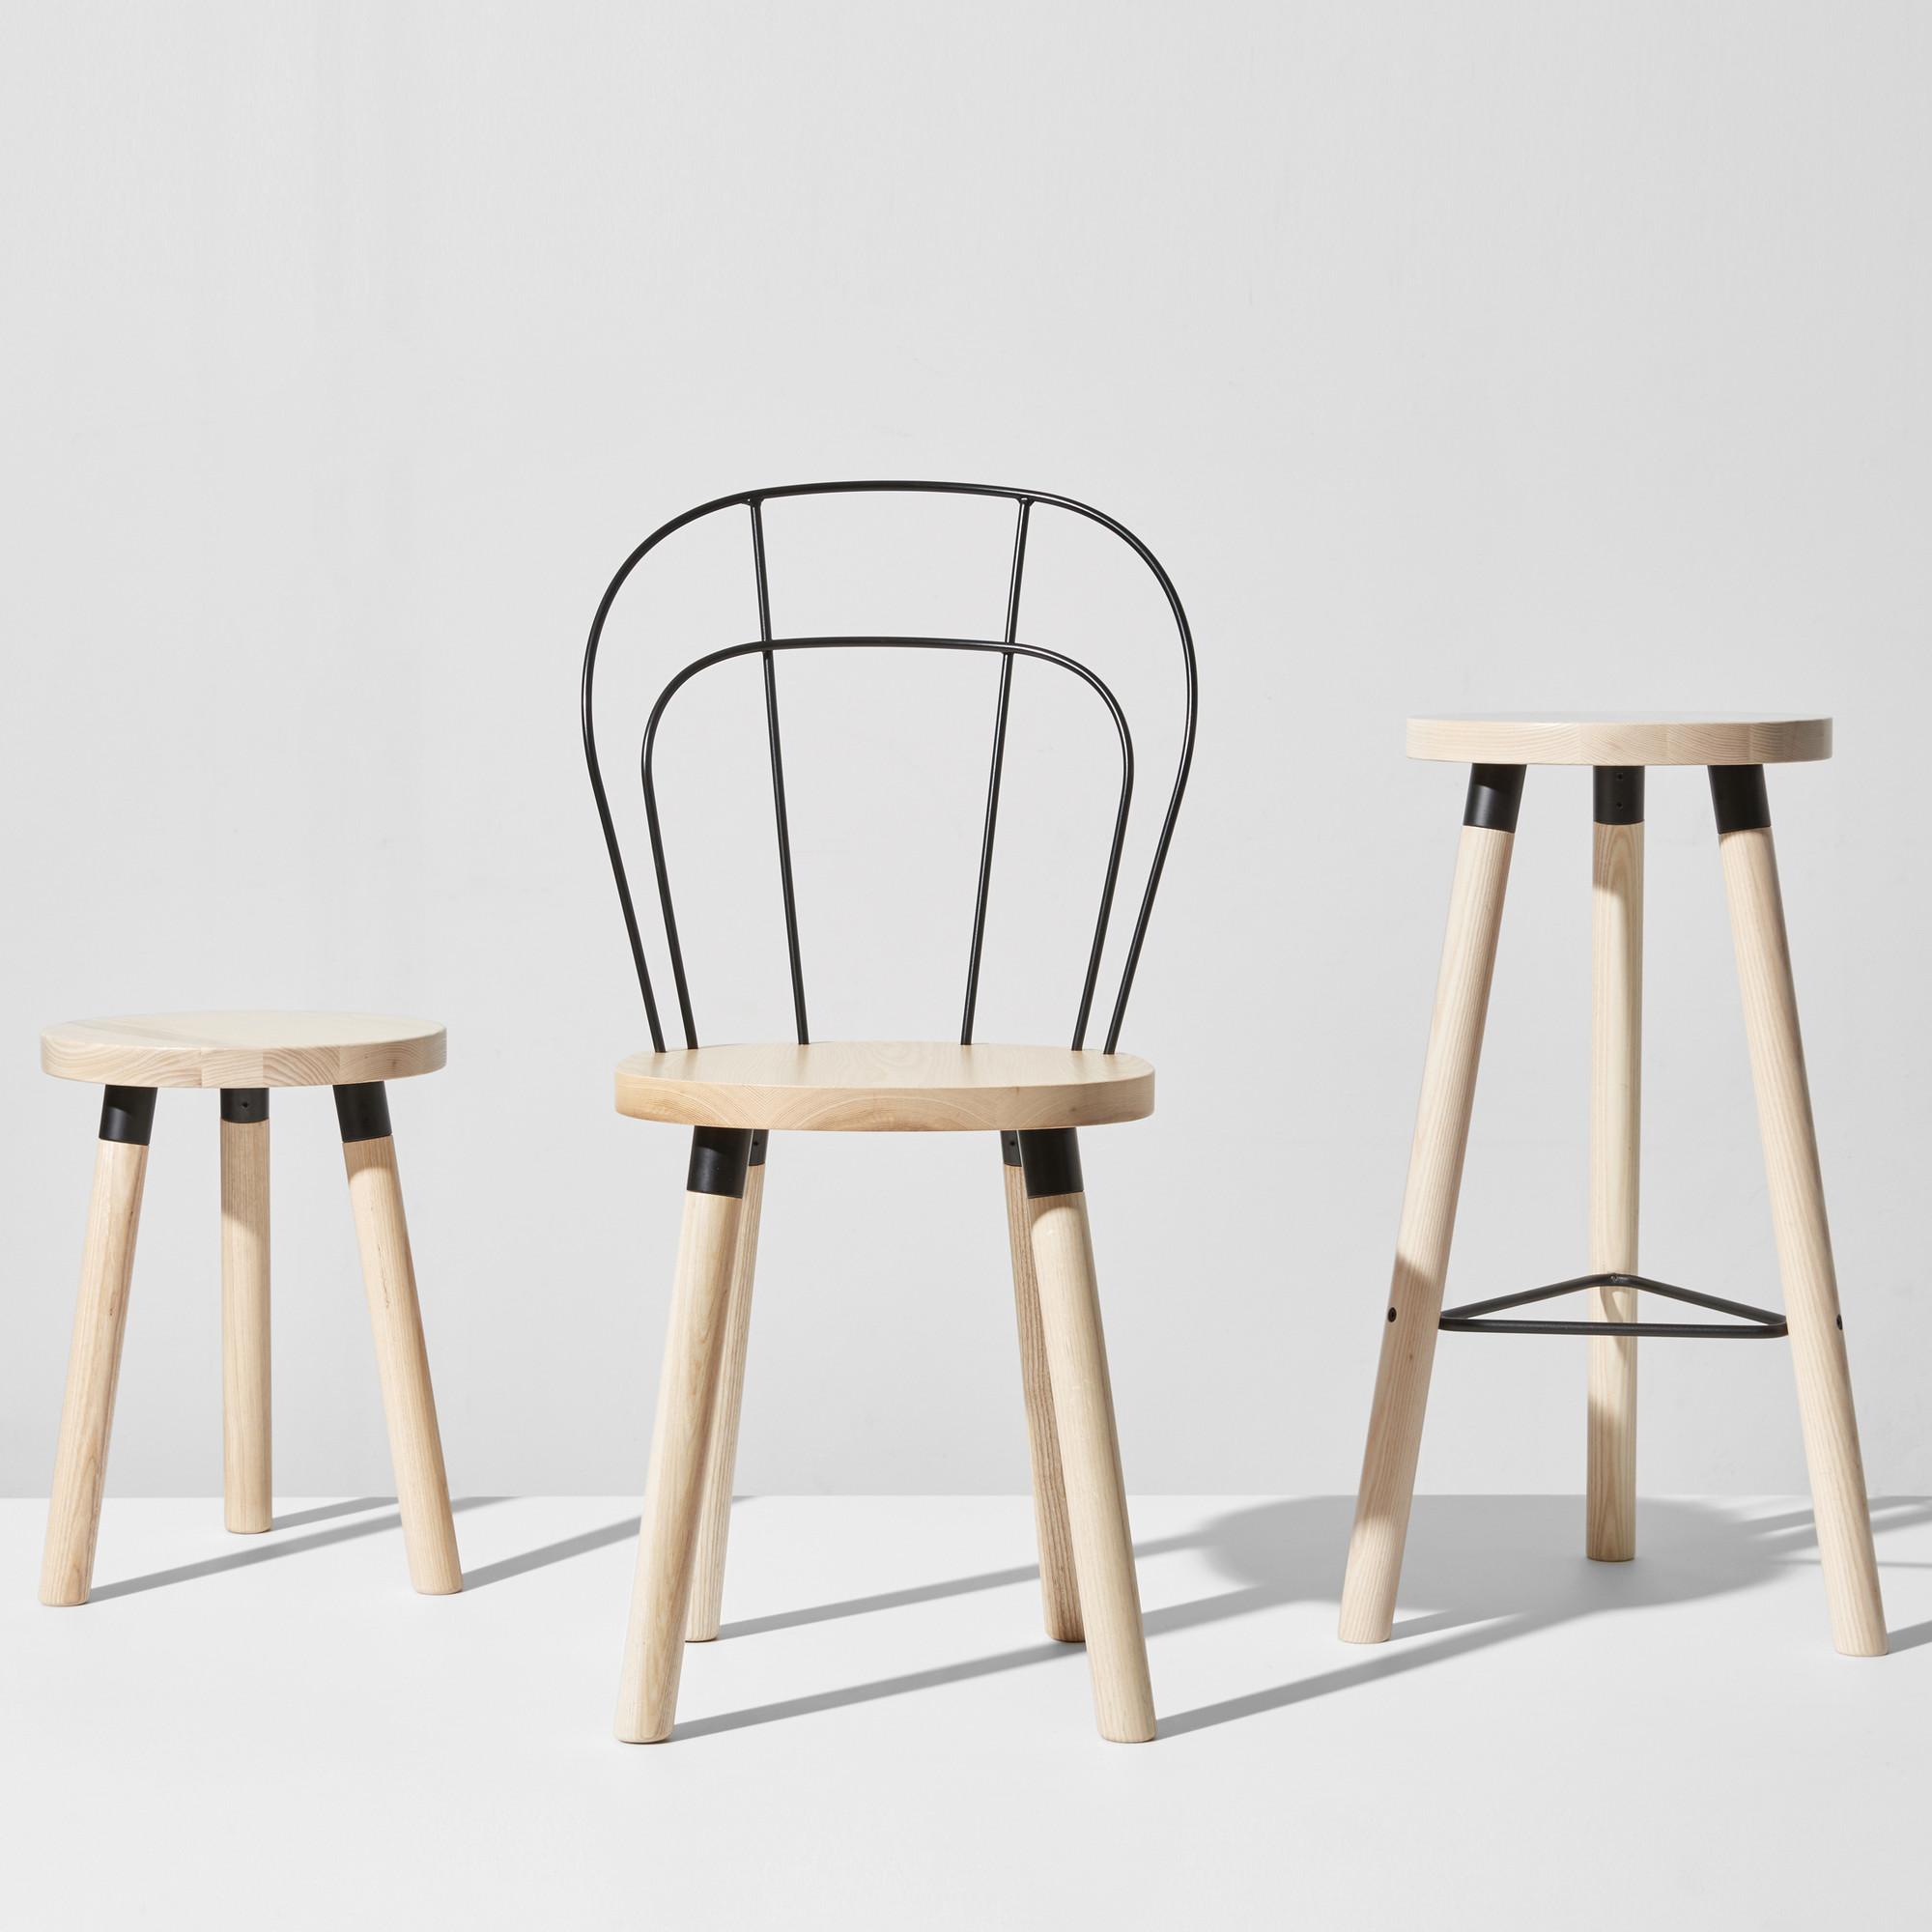 Sillas metalicas chile excellent camarotes sillas mesas - Sillas sala de espera ikea ...